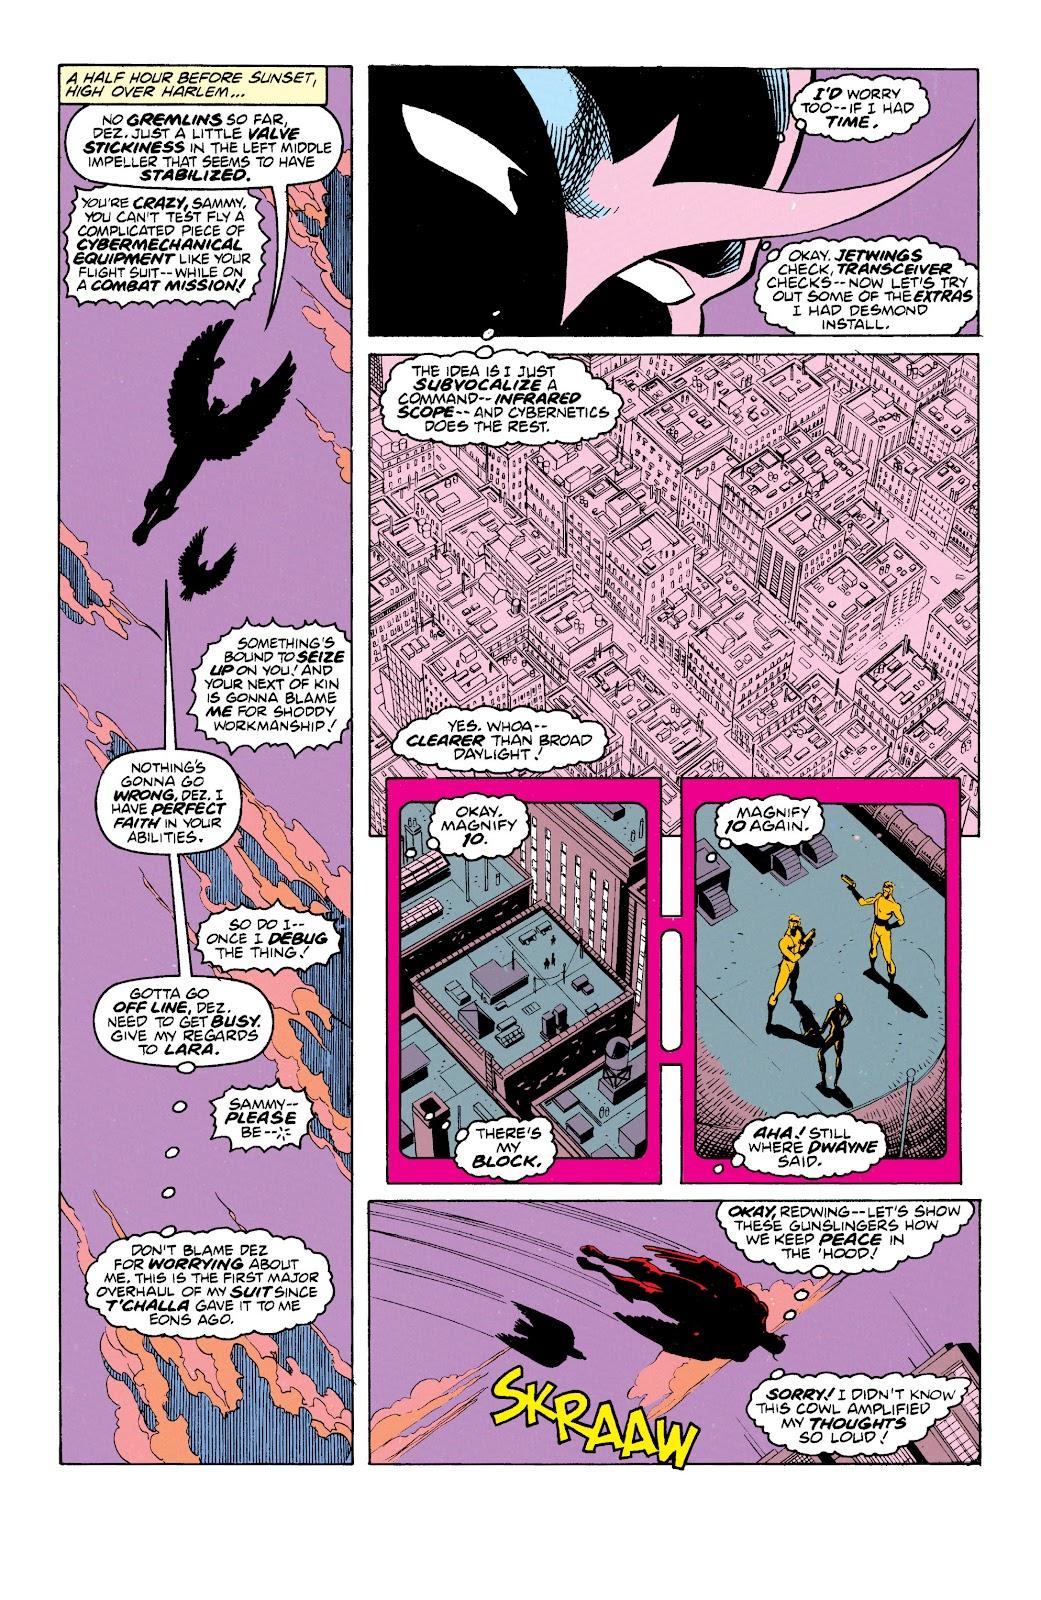 Read online Avengers: Citizen Kang comic -  Issue # TPB (Part 1) - 38